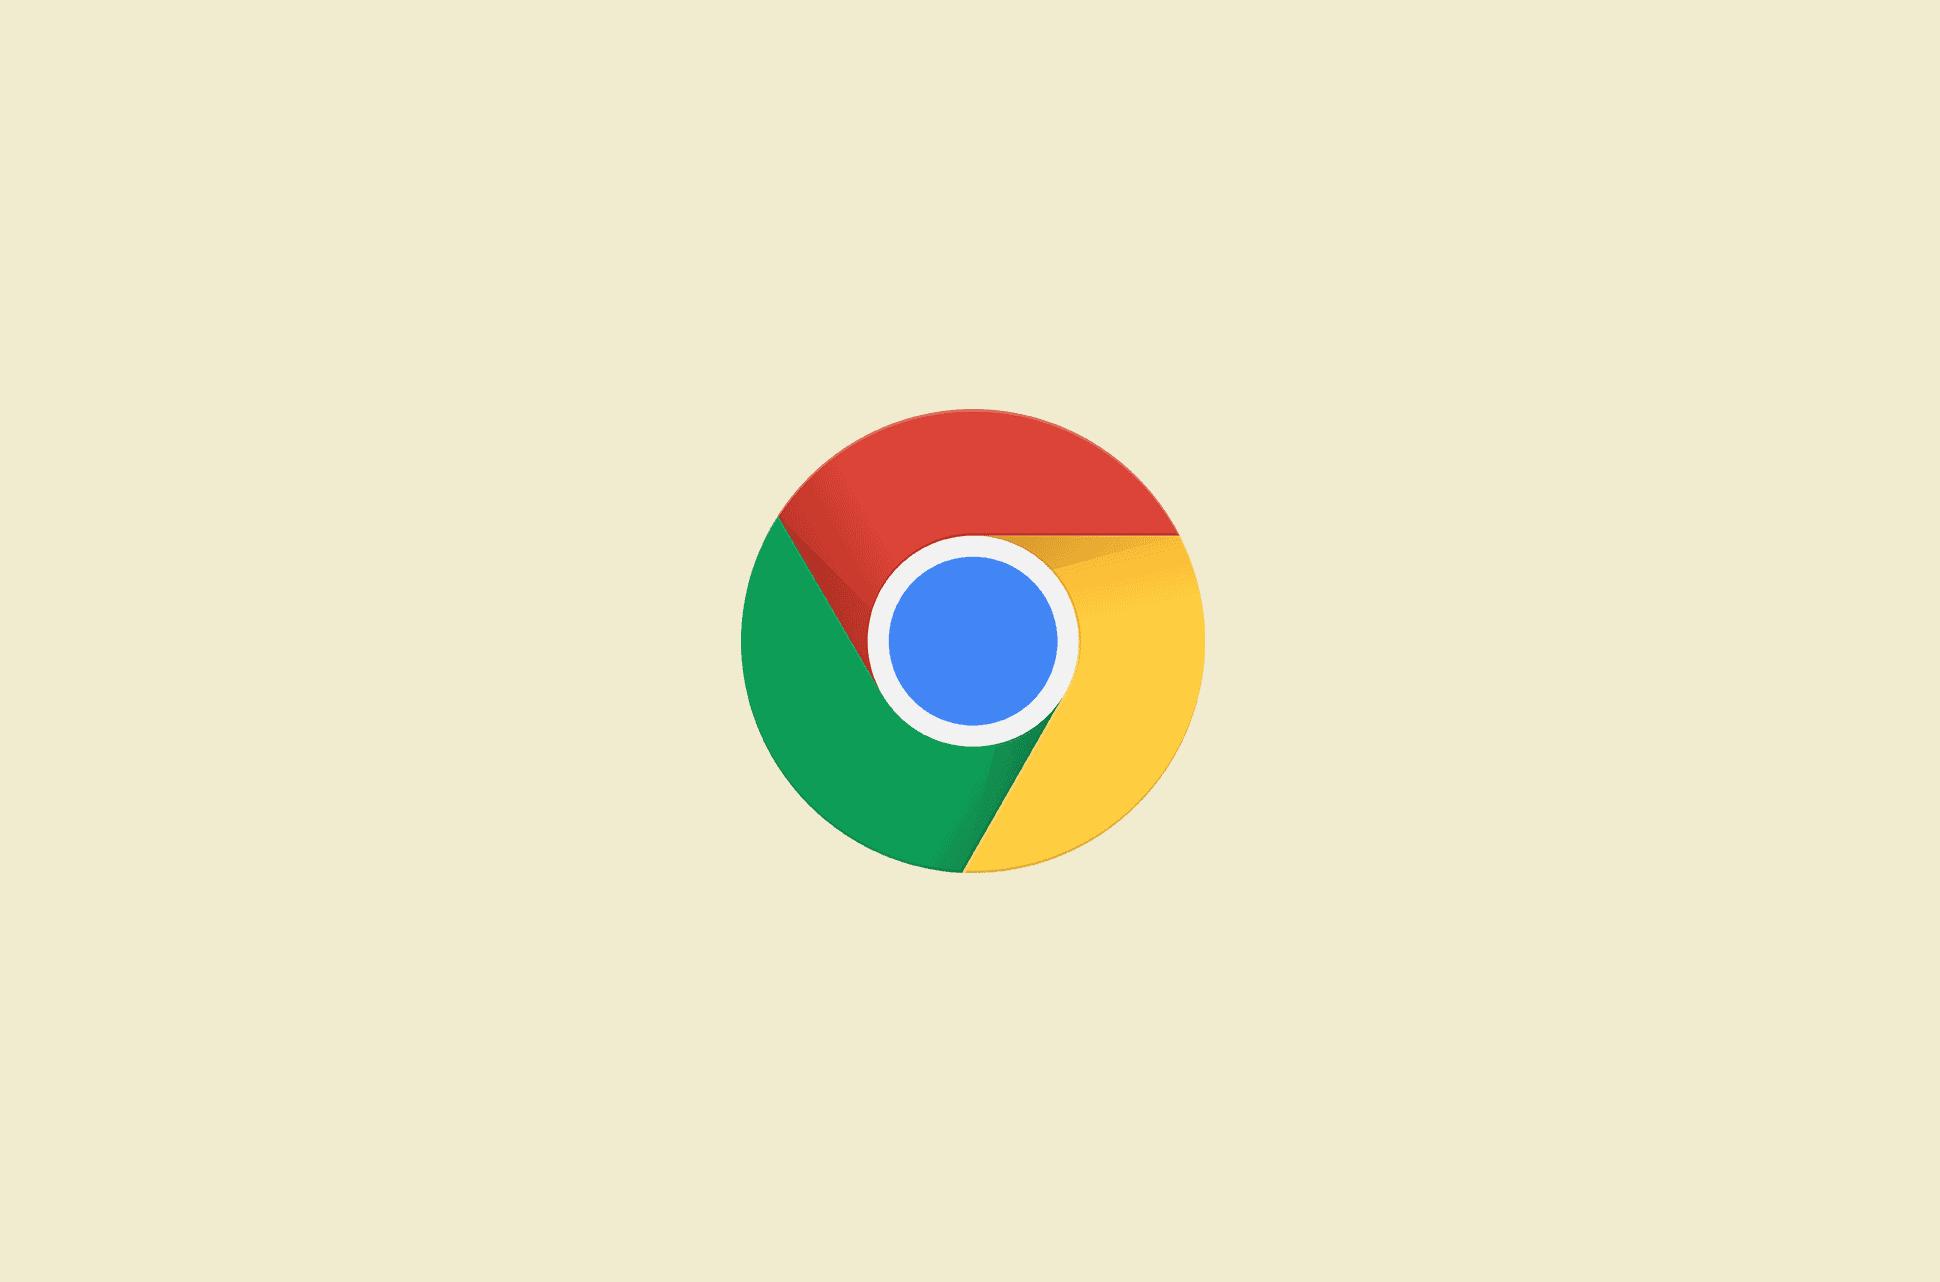 Chrome browser logo.